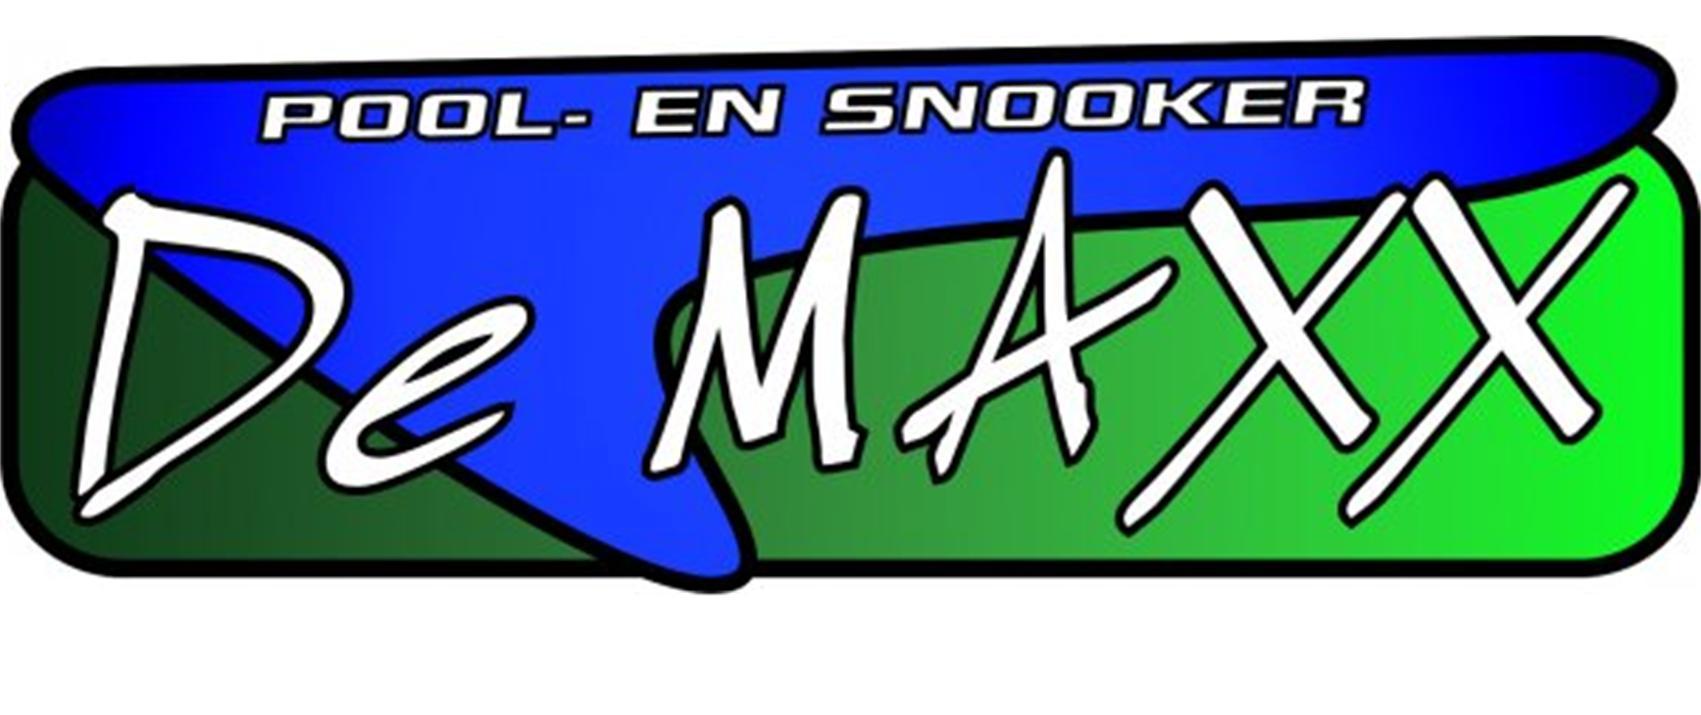 De Maxx